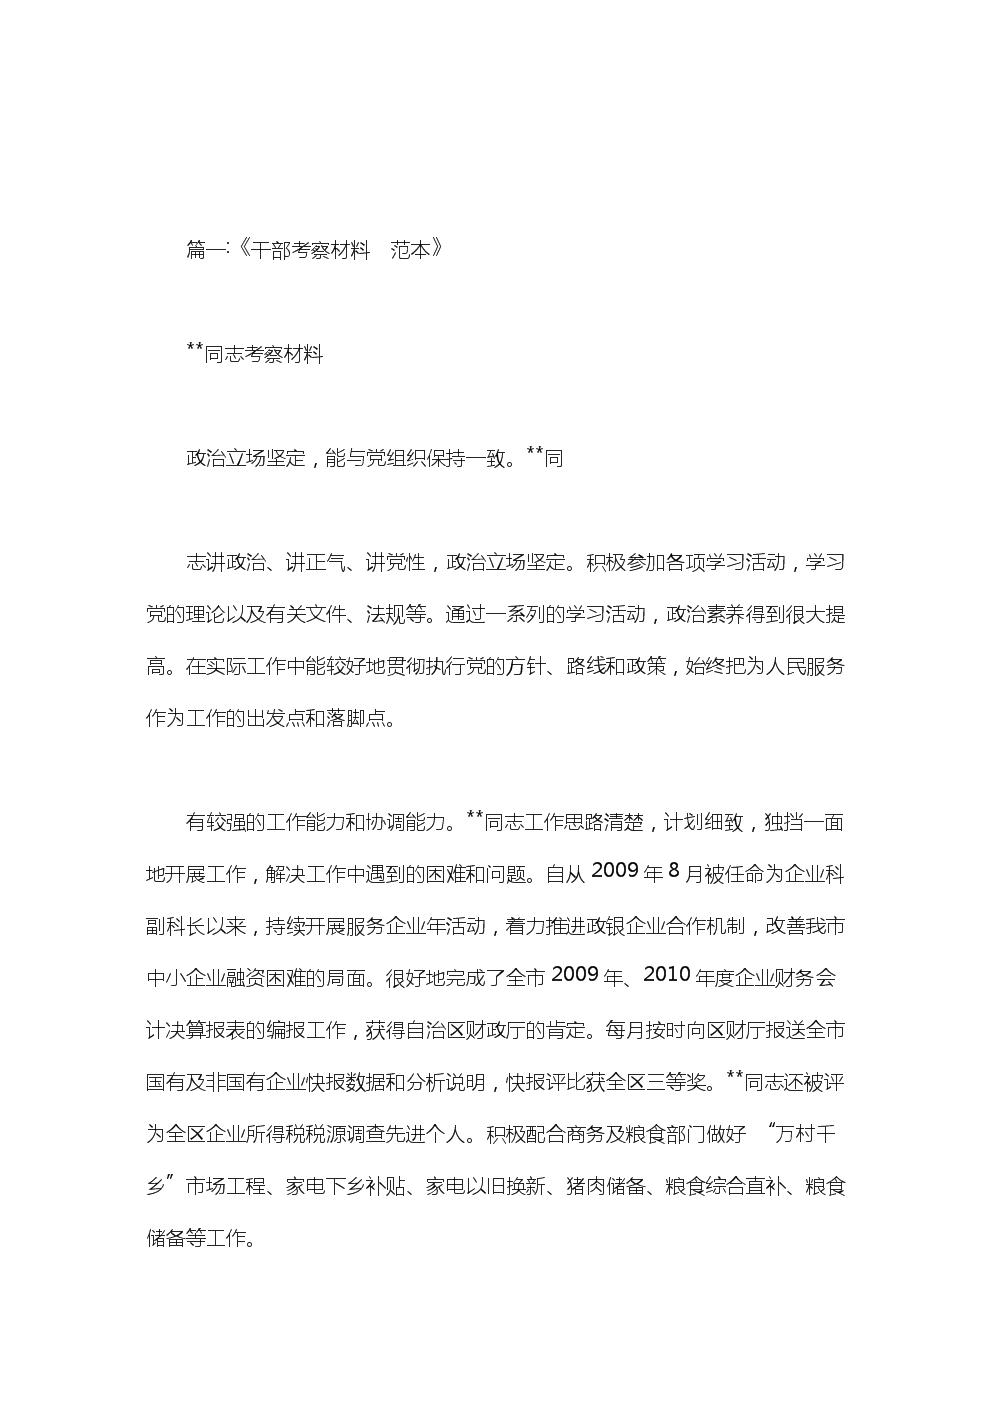 最新干部考察材料范文.doc